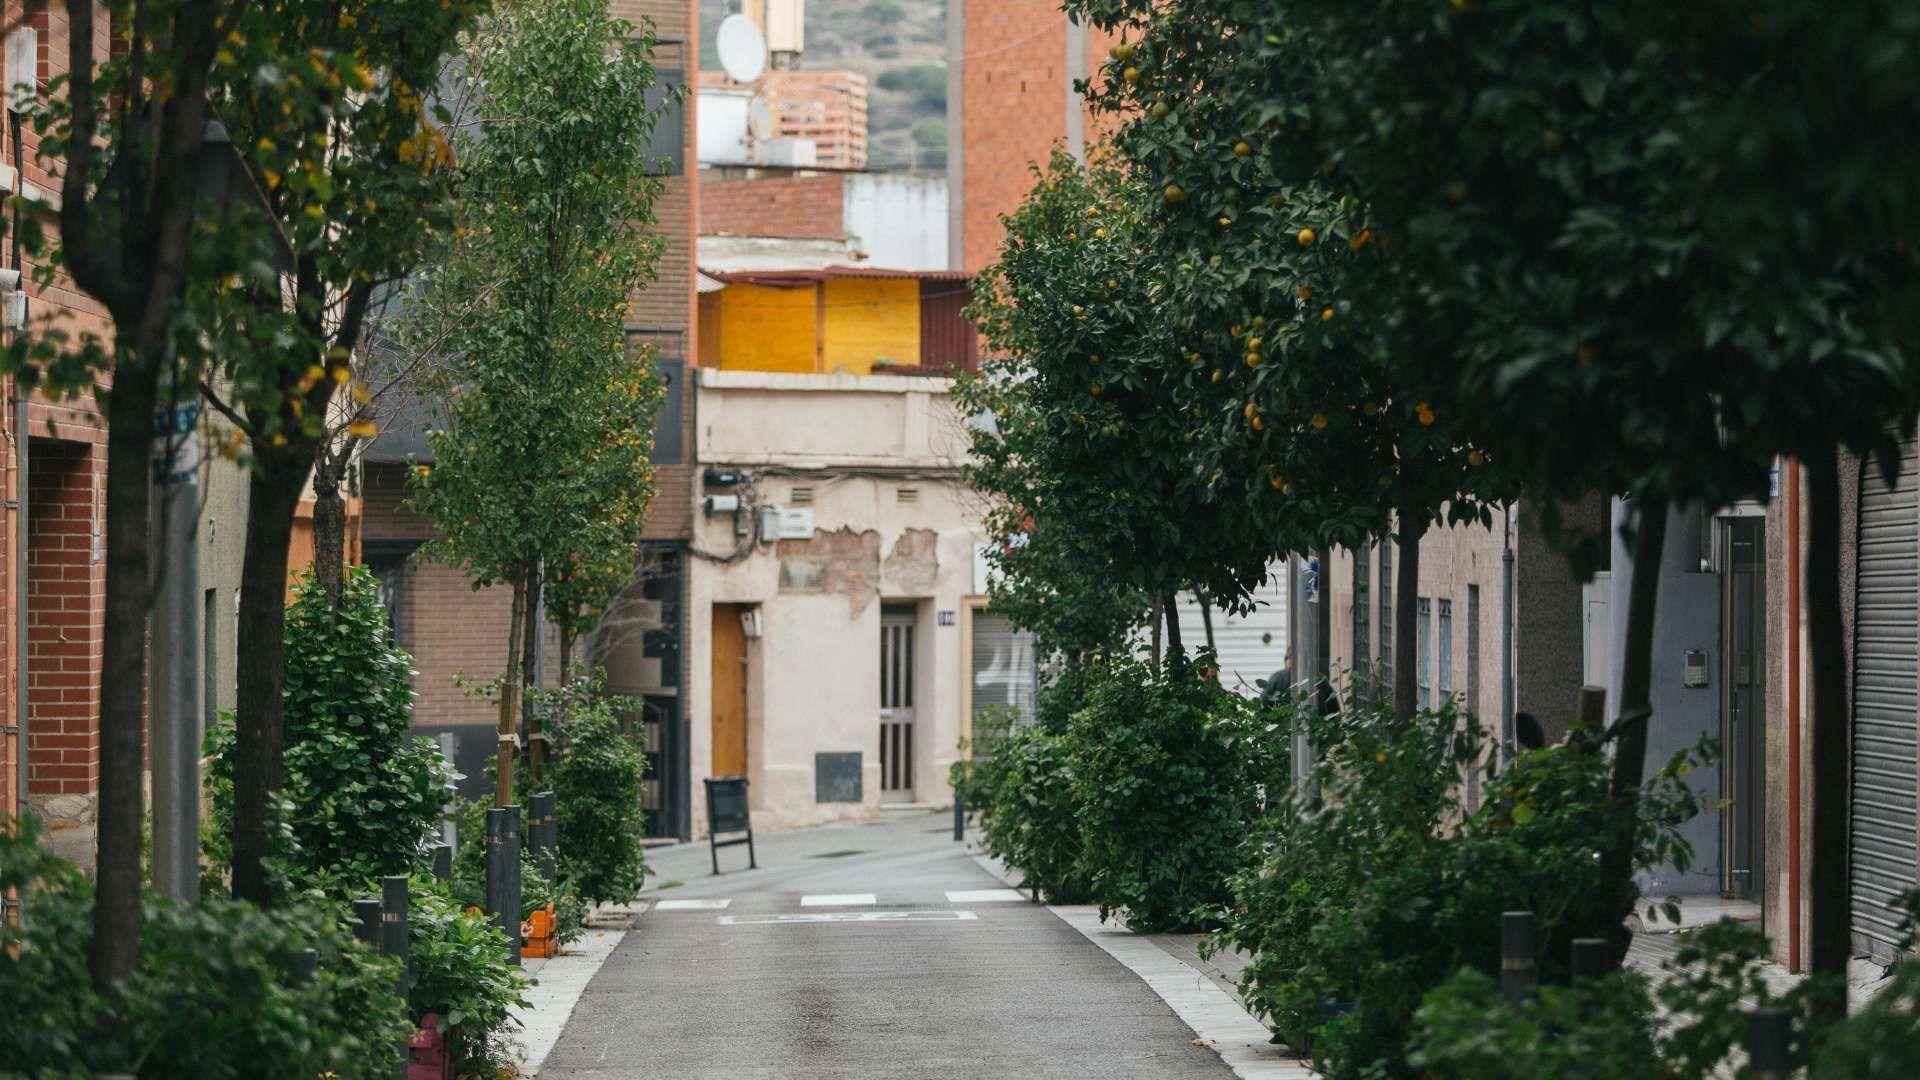 carrer de trinitat vella buit amb arbres